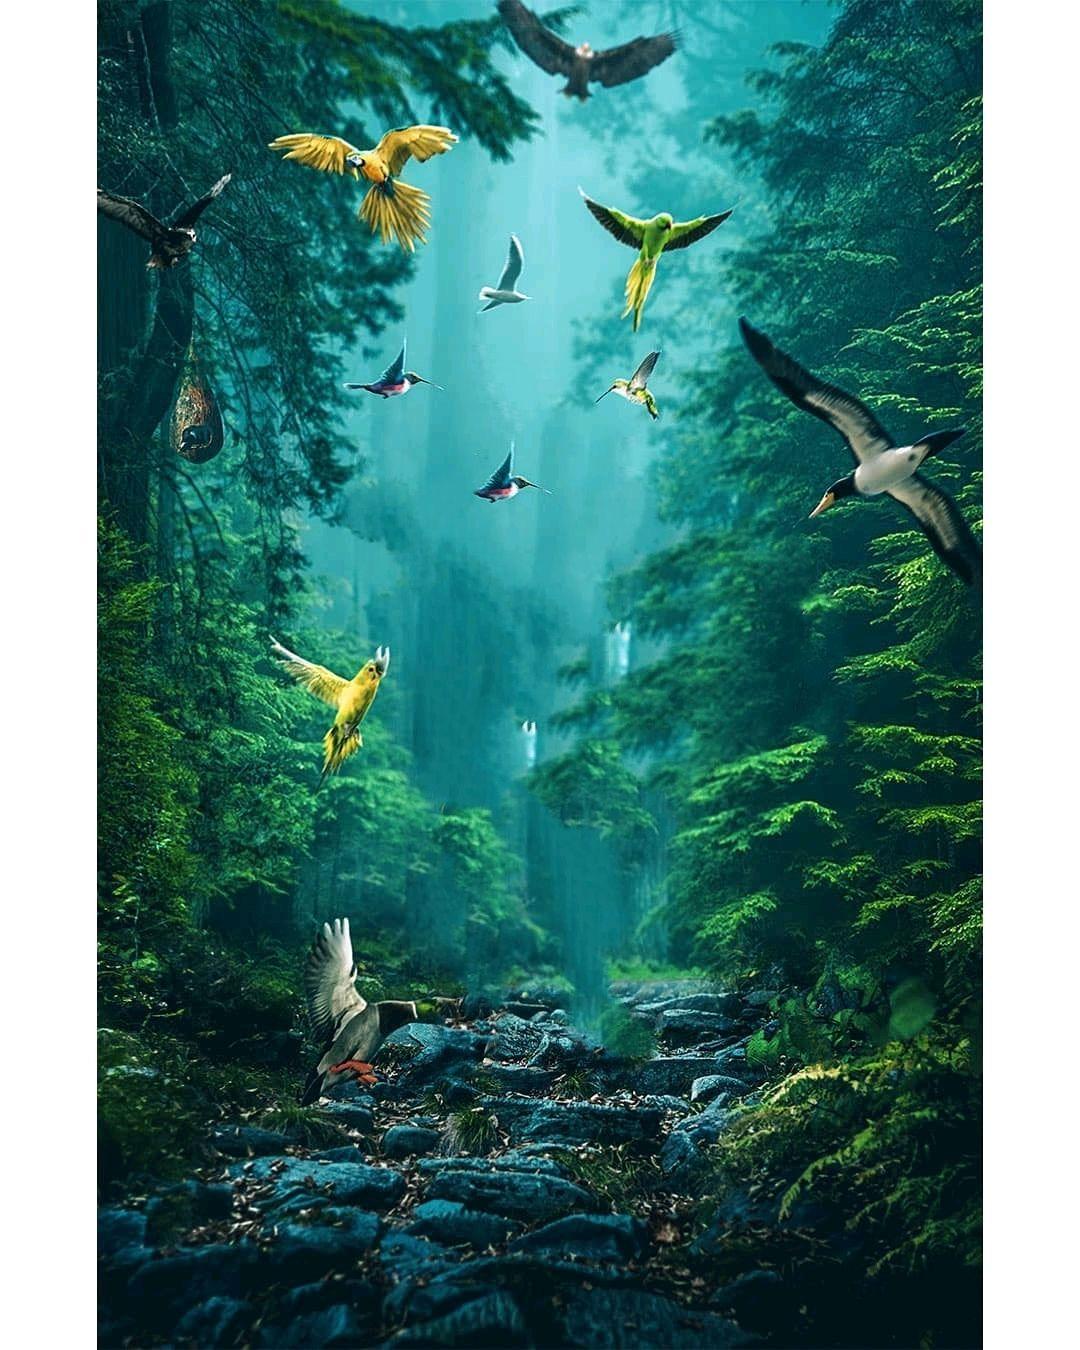 Picsart Save Birds Photo Editing Nature Photo Editing 2 0 Message Accept Picsart Ki Desktop Background Pictures Background Pictures Photo Background Images